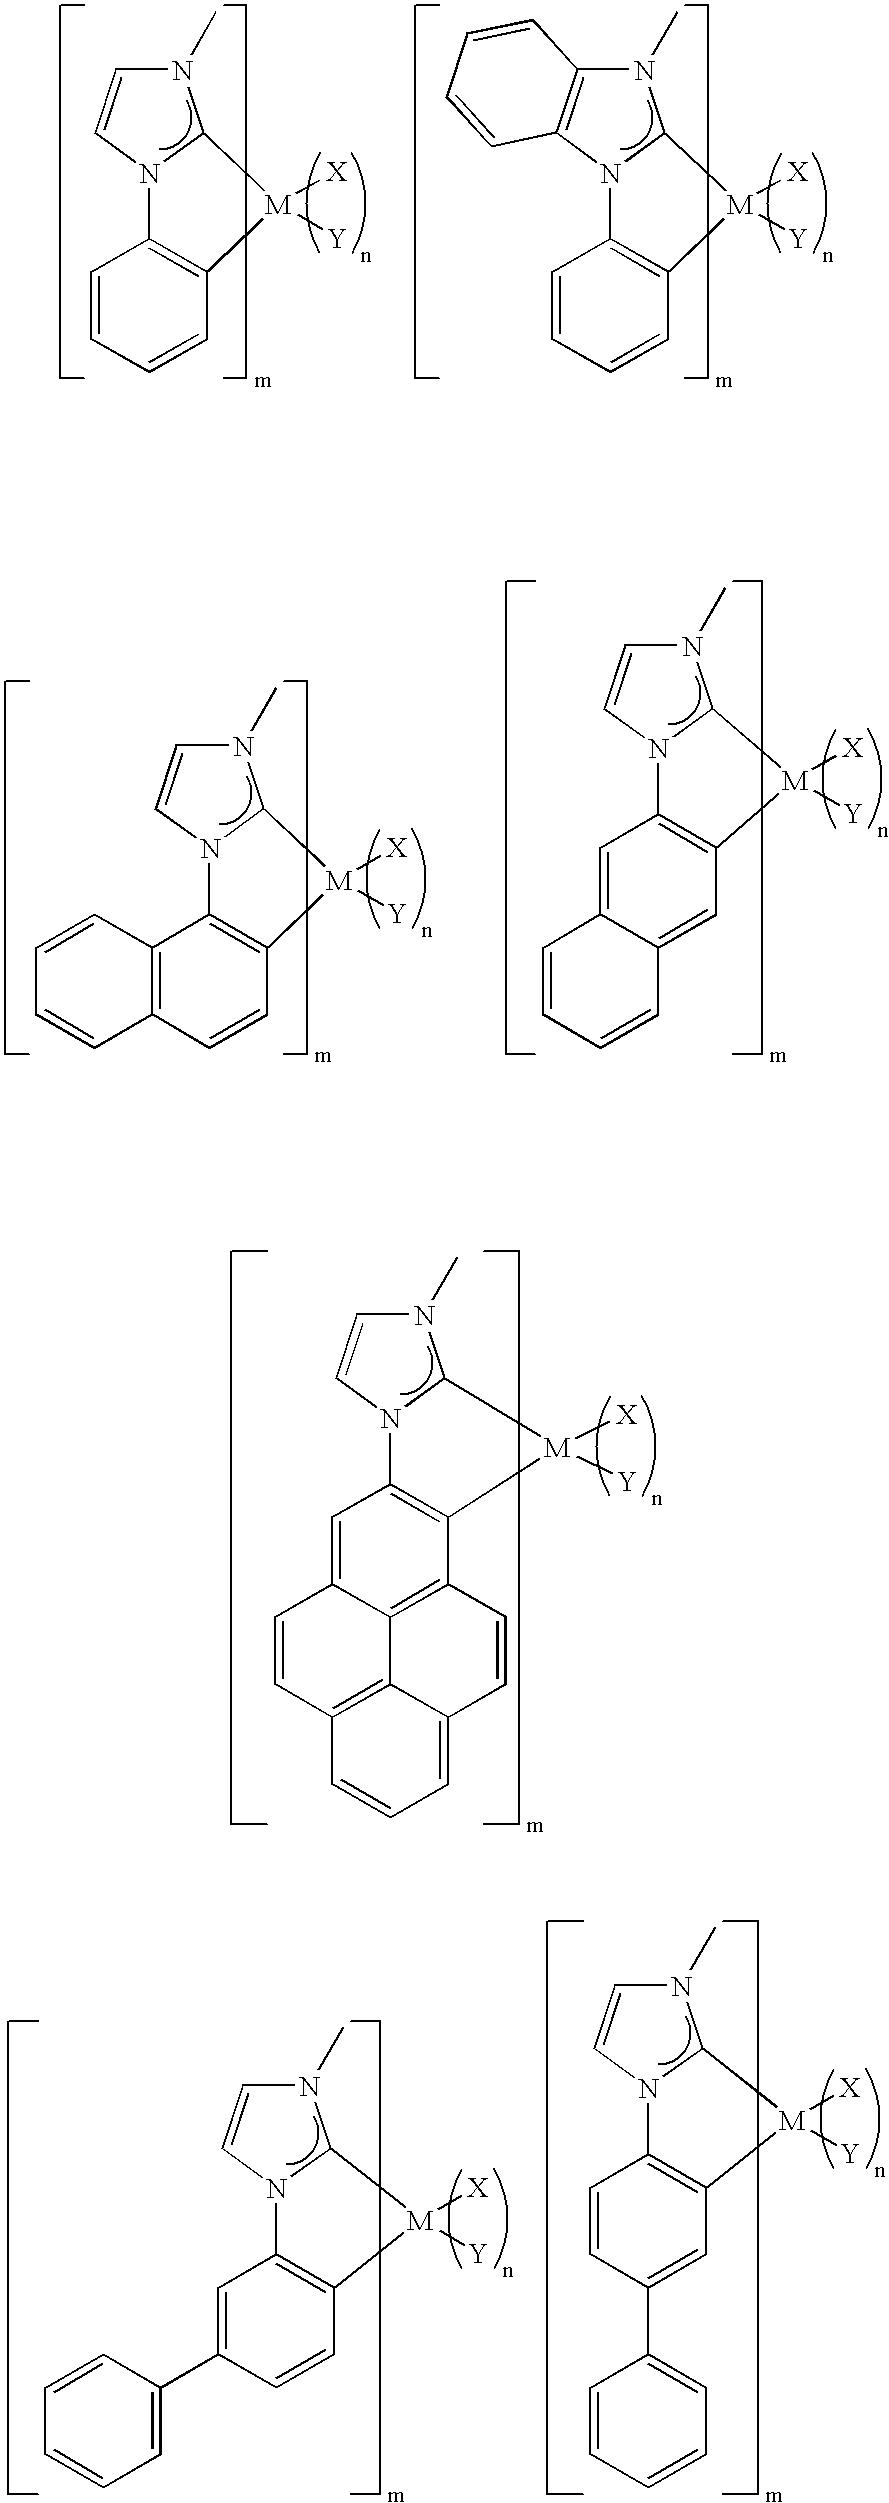 Figure US20090140640A1-20090604-C00030